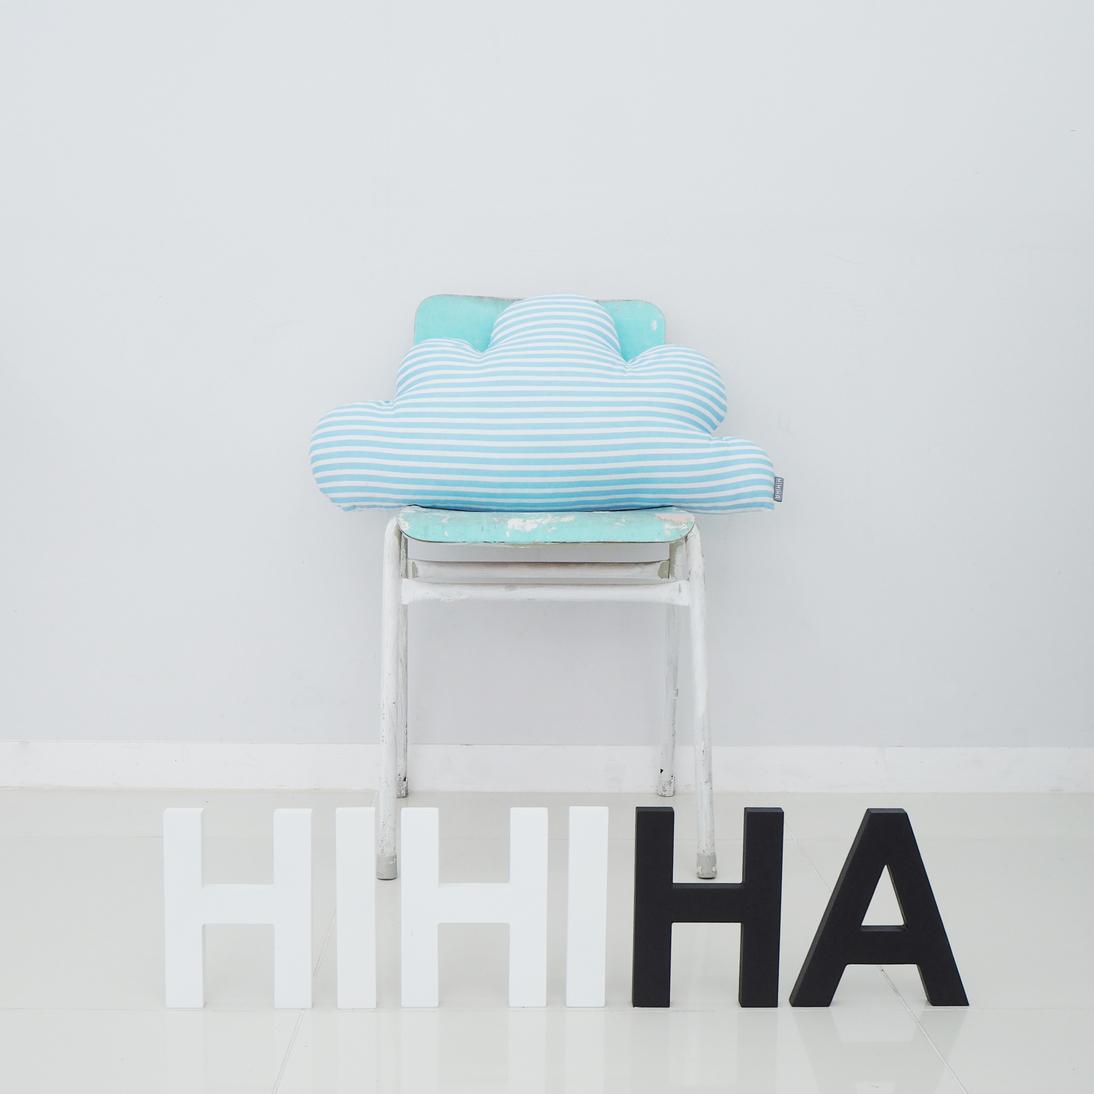 hihiha